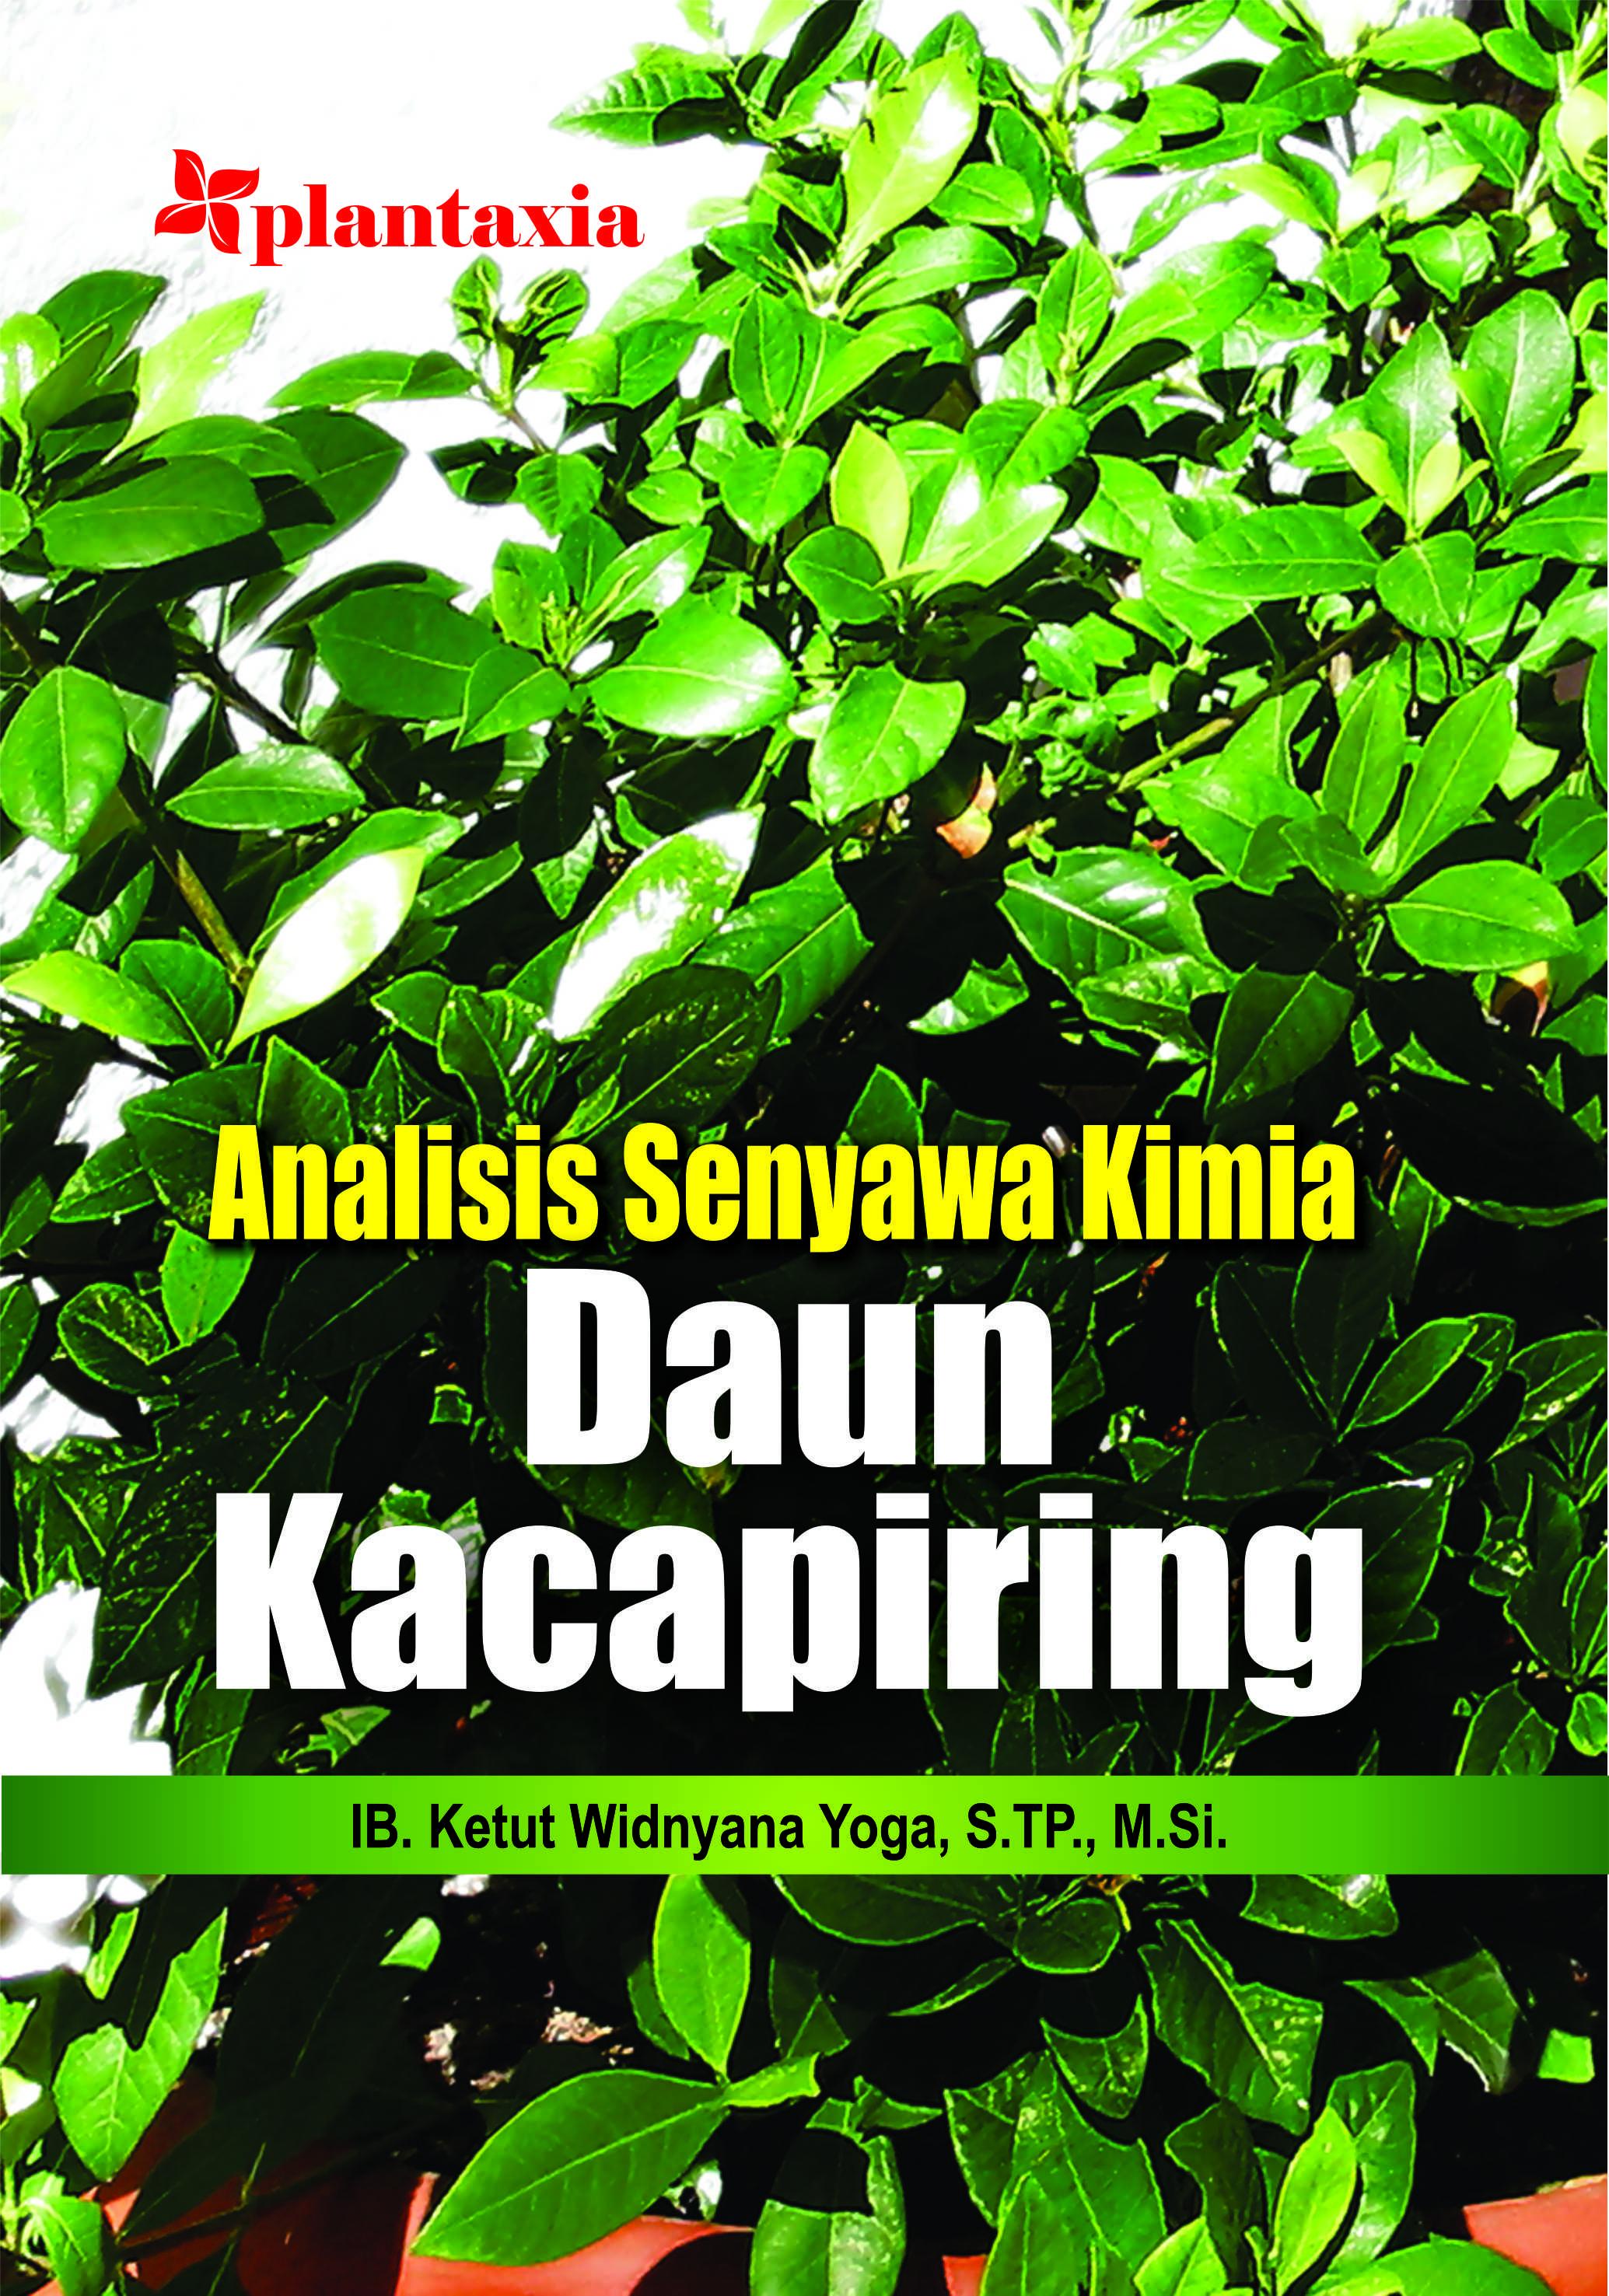 Analisis senyawa kimia daun kacapiring [sumber elektronis]